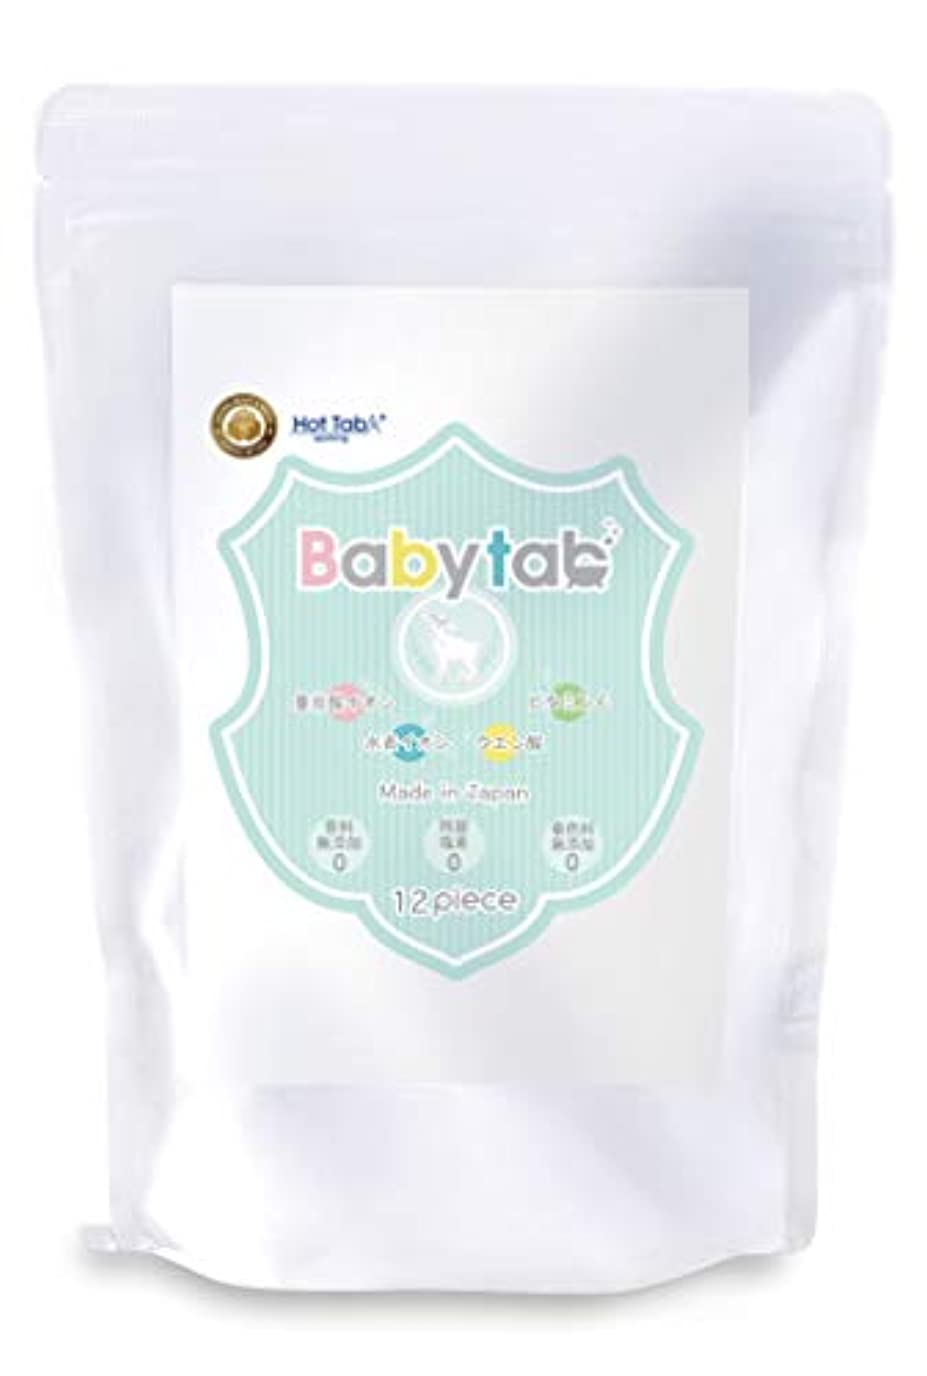 頂点バラエティ必要としているベビタブ【Babytab】重炭酸 中性 入浴剤 沐浴剤 12錠入り お試しサイズ(無添加 無香料 保湿 乾燥肌 オーガニック 塩素除去)赤ちゃんから使える